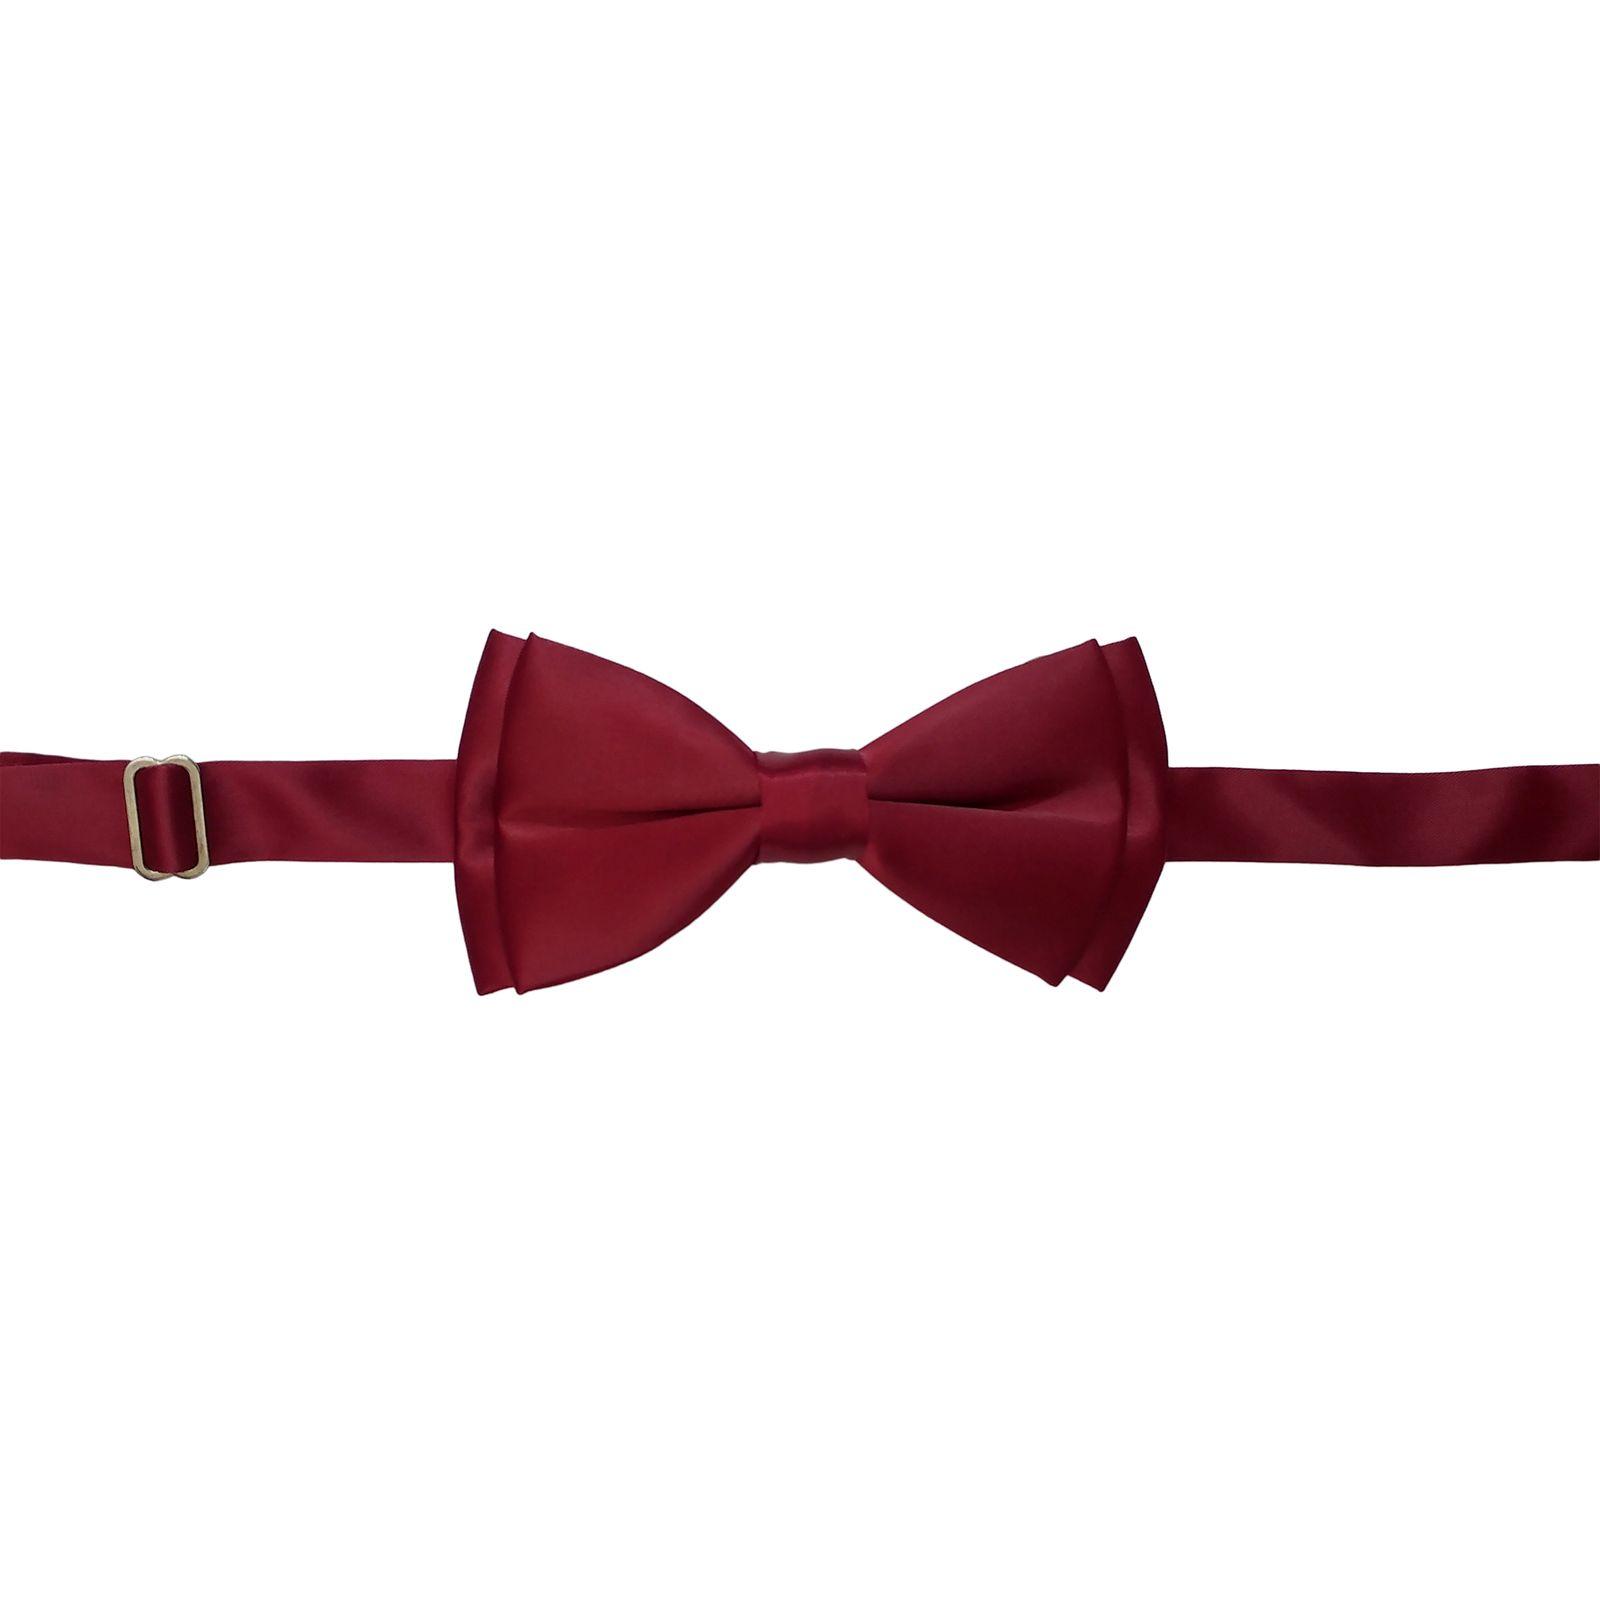 ست کراوات و پاپیون مردانه کد G -  - 5